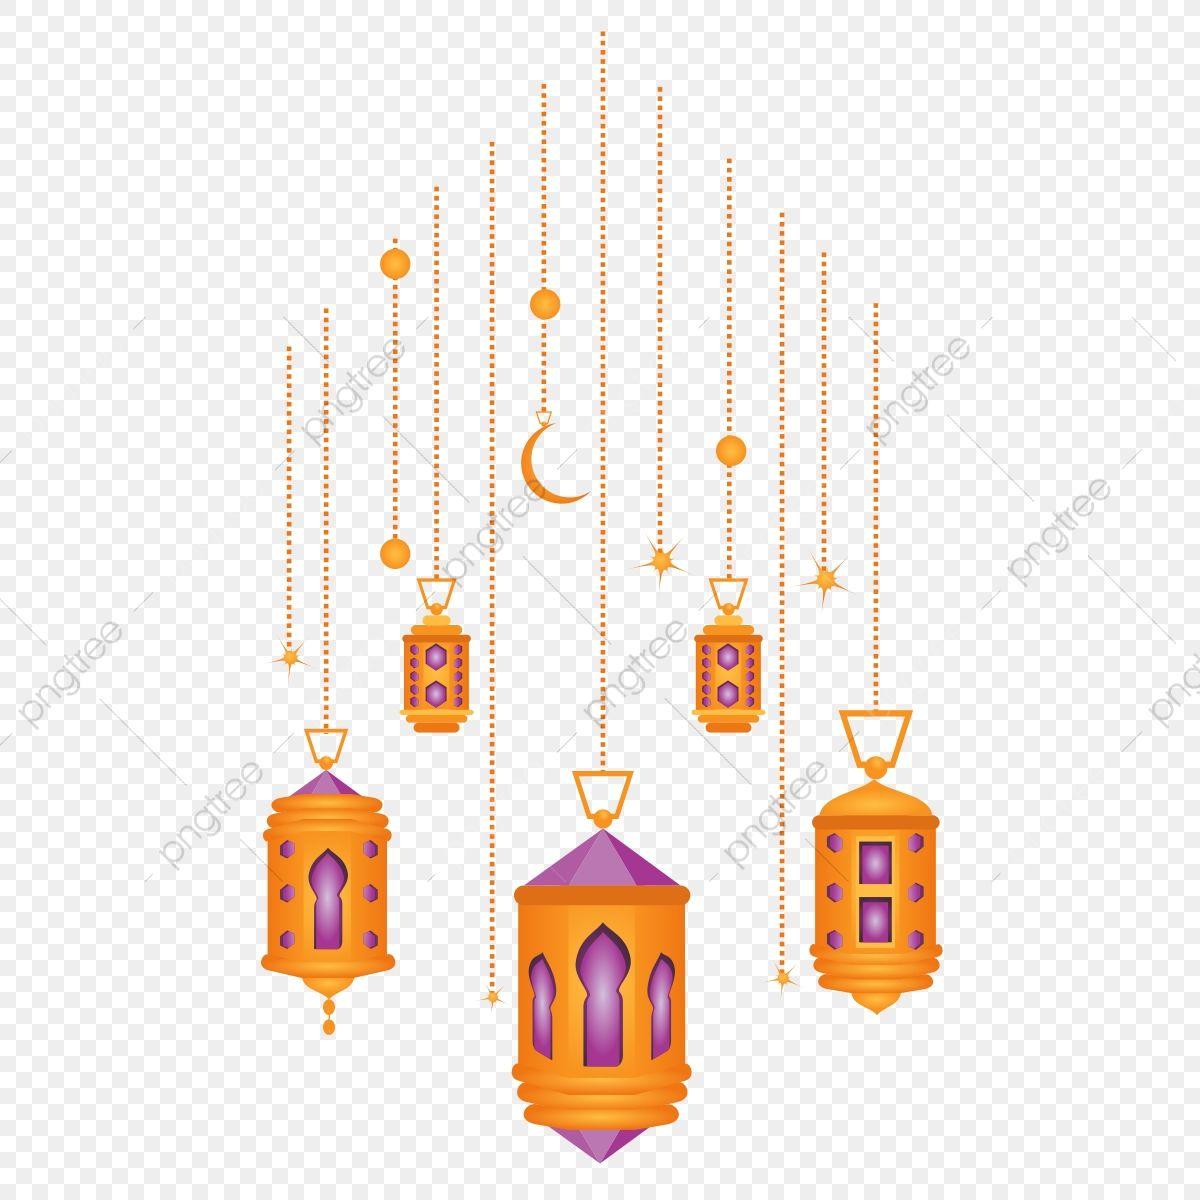 Lanterna Ramdan Islamica Lampada Eid Al Adha Ramadan Kareem Ramada Fundo Ramdan Png Imagem Para Download Gratuito Line Art Vector Ramadan Kareem Lantern Lamp